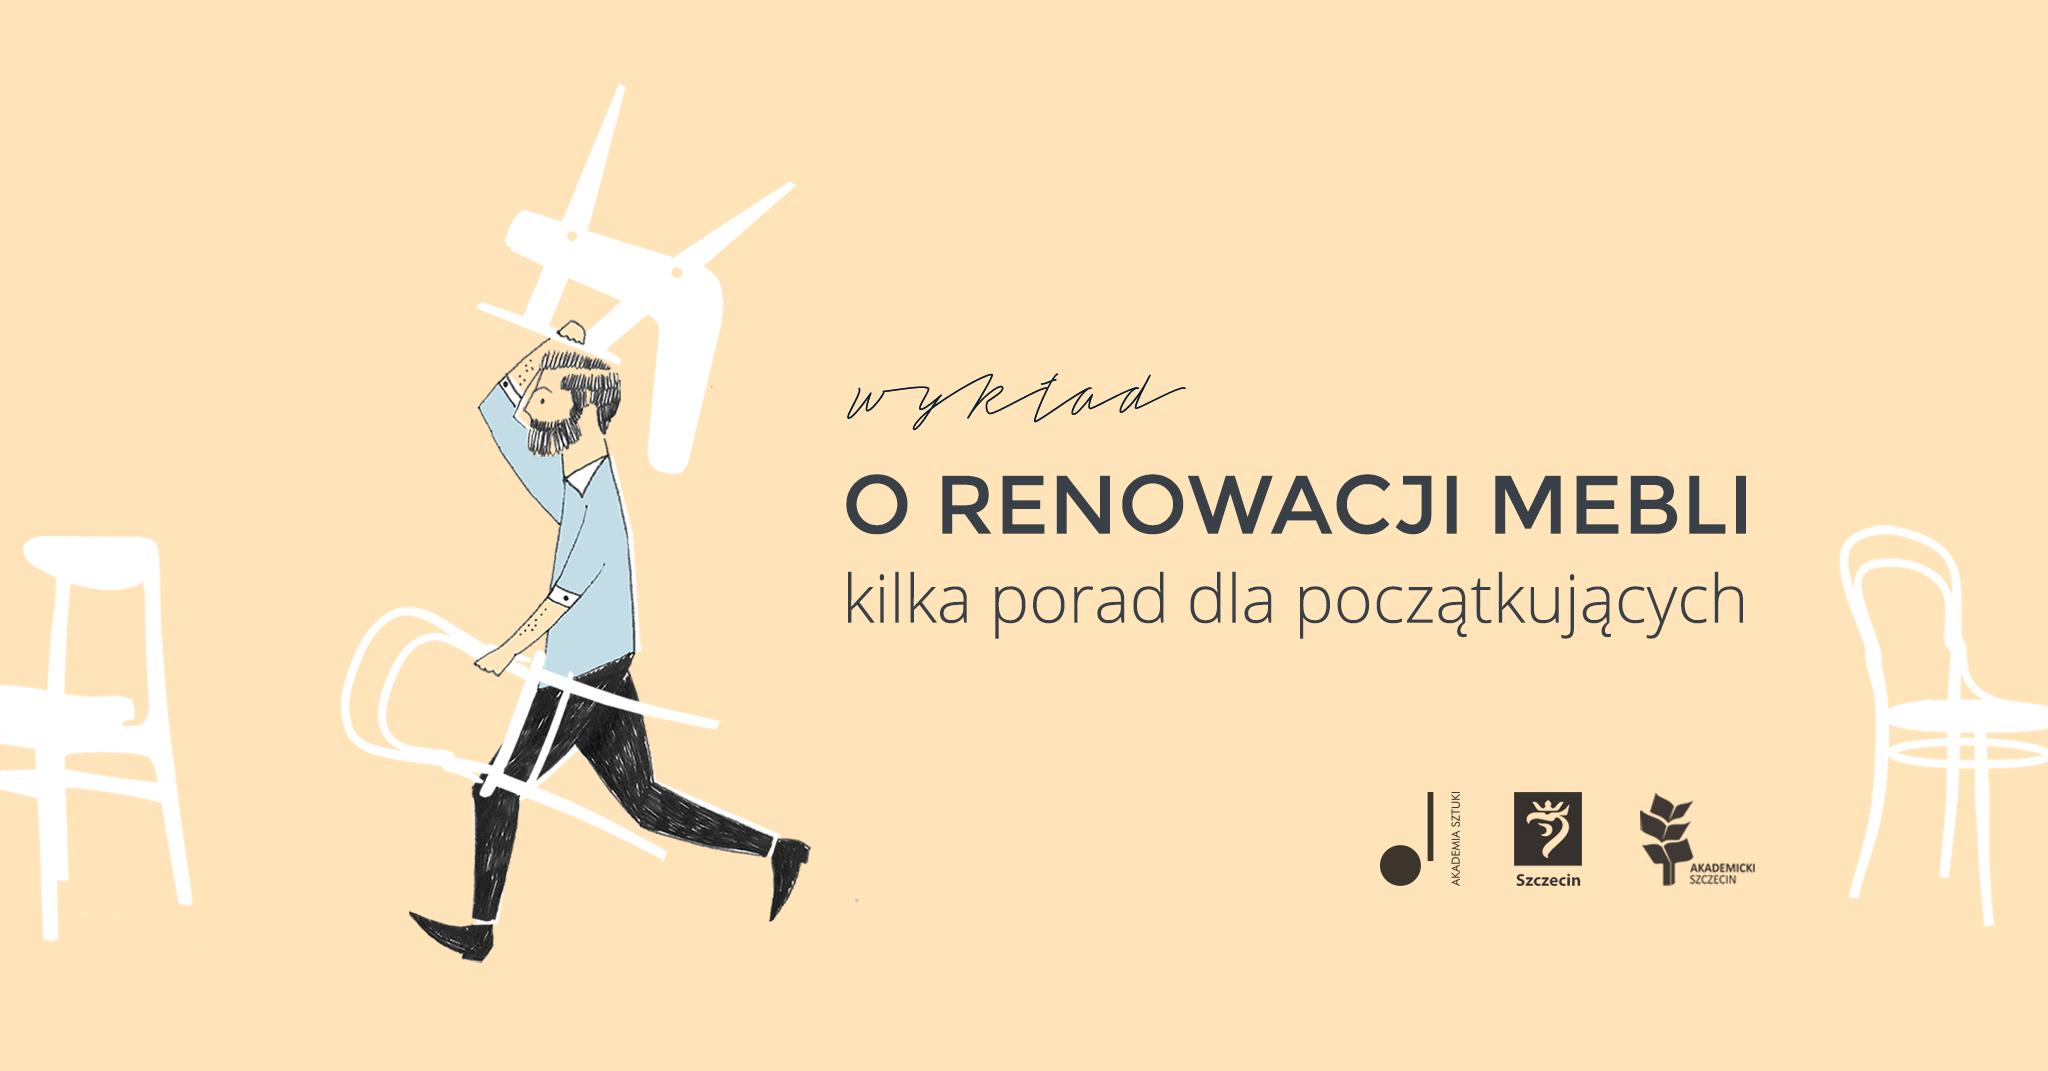 """Paweł Machomet, """"O renowacji mebli"""", Akademia Sztuki w Szczecinie (źródło: materiały prasowe organizatorów)"""